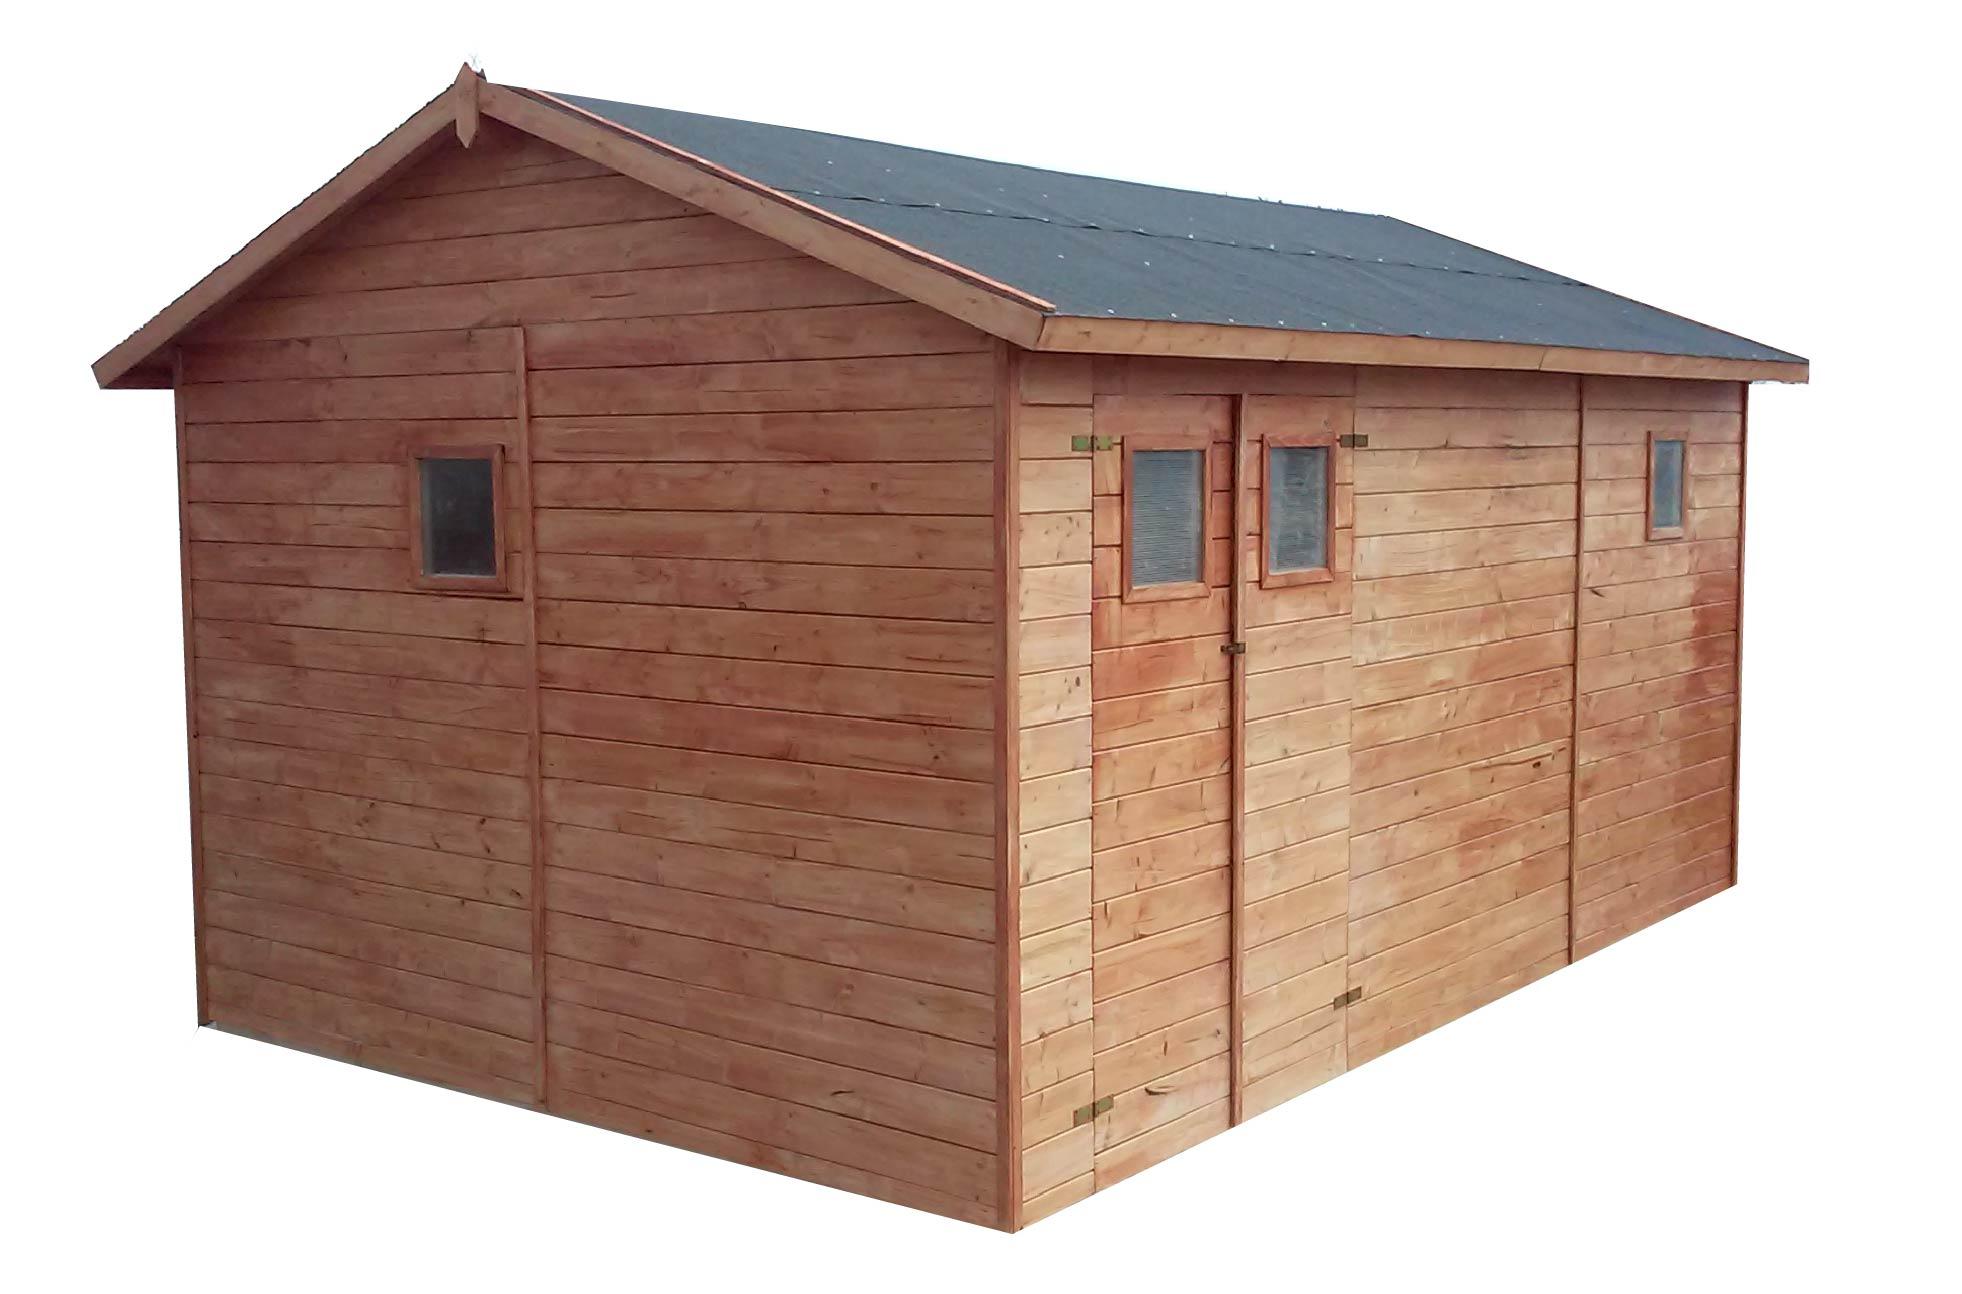 Gartenhaus Holz 3 X 3 M TT87 – Hitoiro